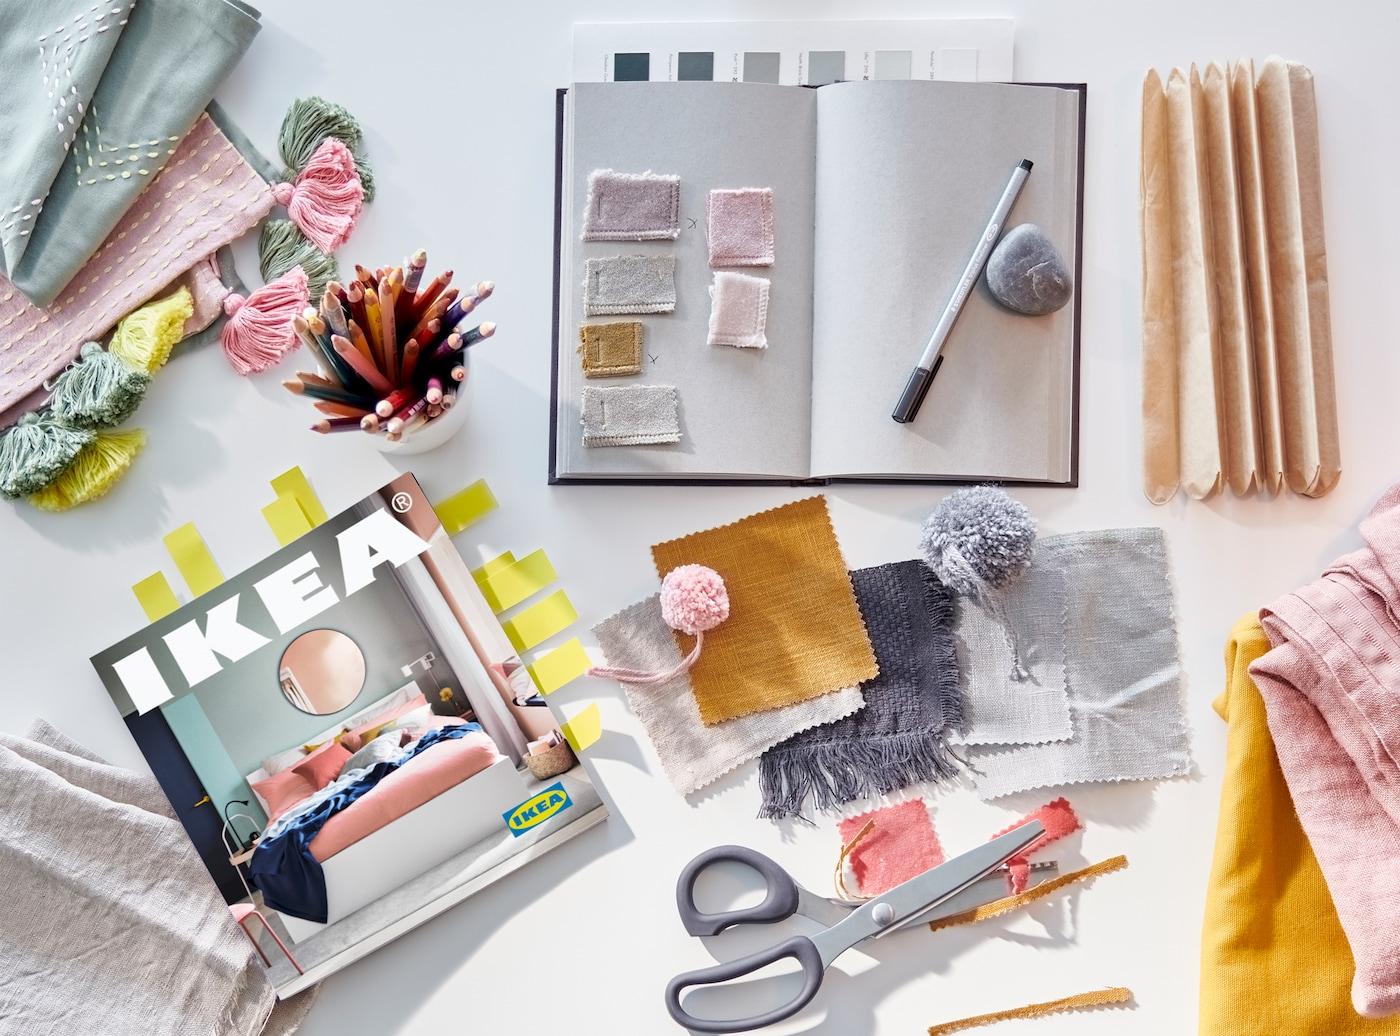 Ein Notizbuch, ein Stift, eine Schere, Stoffstücke in Rosa, Grau, Gelb, Senfgelb und Grün liegen neben einem IKEA Katalog 2021.